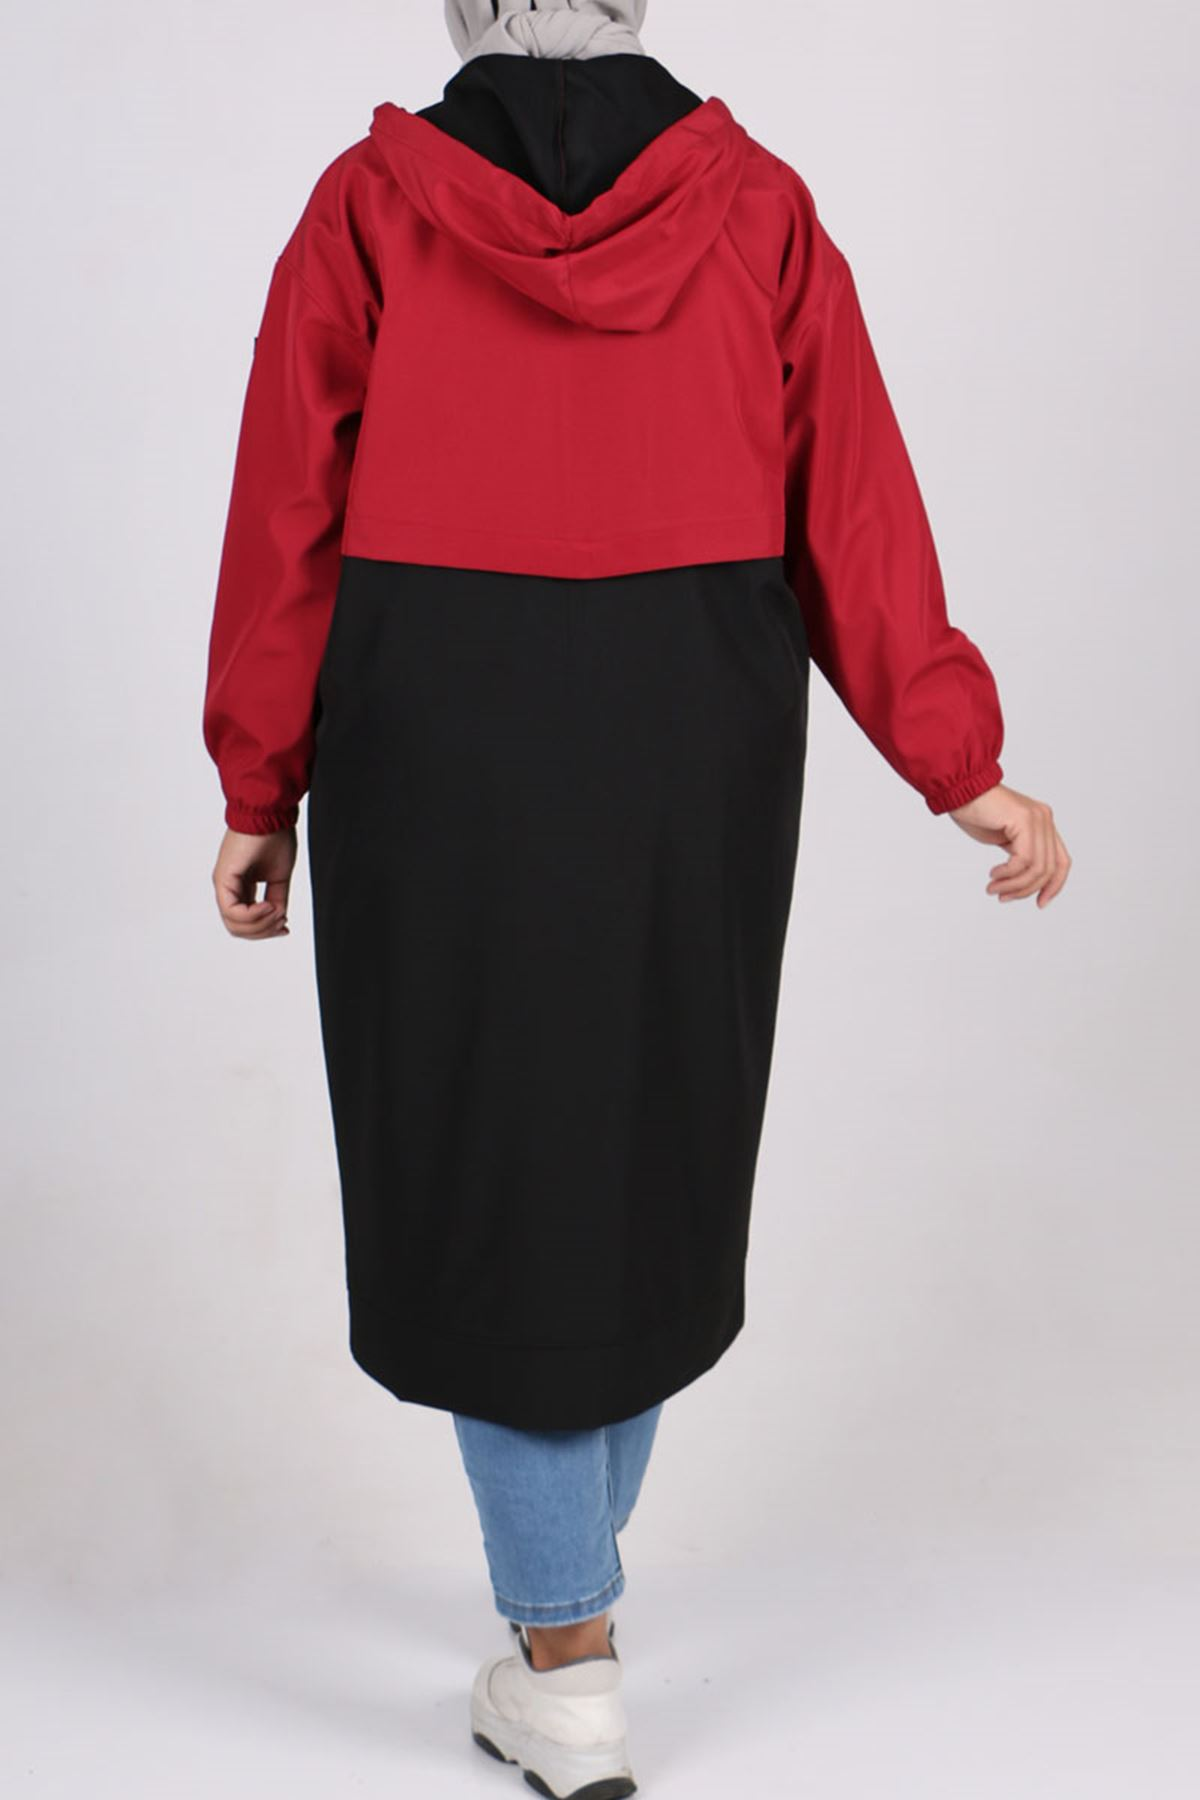 3188 Büyük Beden Bondit Çift Renk Ceket - Bordo-Siyah